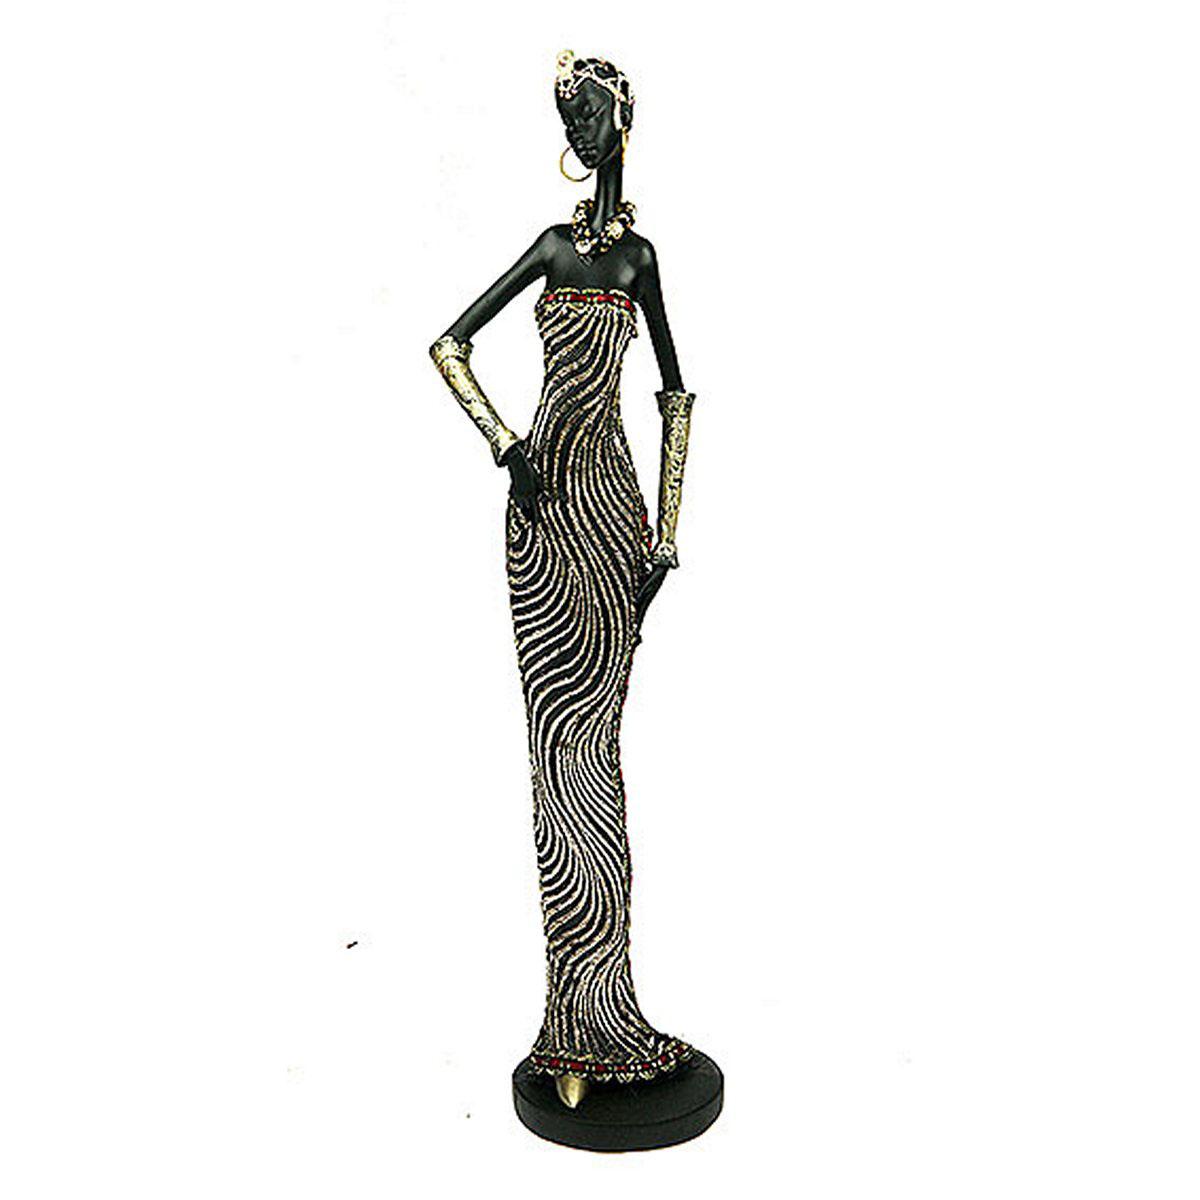 Статуэтка Русские Подарки Африканка, 7 х 8 х 32 смTHN132NСтатуэтка Русские Подарки Африканка, изготовленная из полистоуна, имеет изысканный внешний вид. Изделие станет прекрасным украшением интерьера гостиной, офиса или дома. Вы можете поставить статуэтку в любое место, где она будет удачно смотреться и радовать глаз. Правила ухода: регулярно вытирать пыль сухой, мягкой тканью.